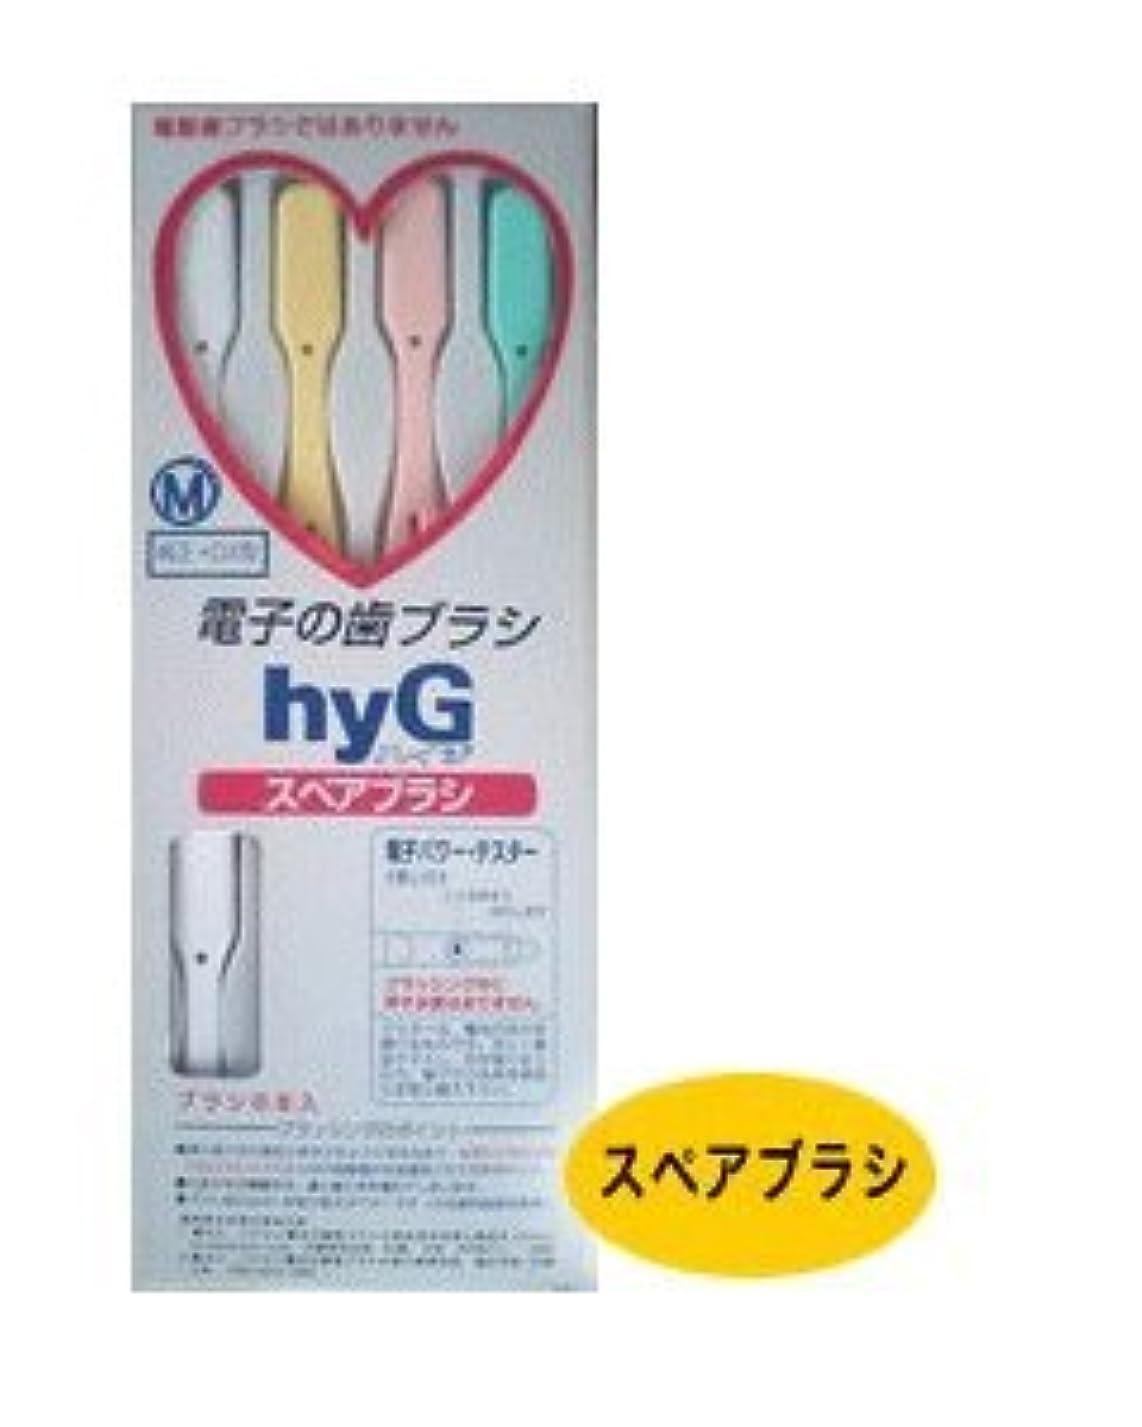 優先権害虫好ましい電子の歯ブラシ ハイジ(hyG) スペアブラシ M(ミディアム) 【純正?DX型】